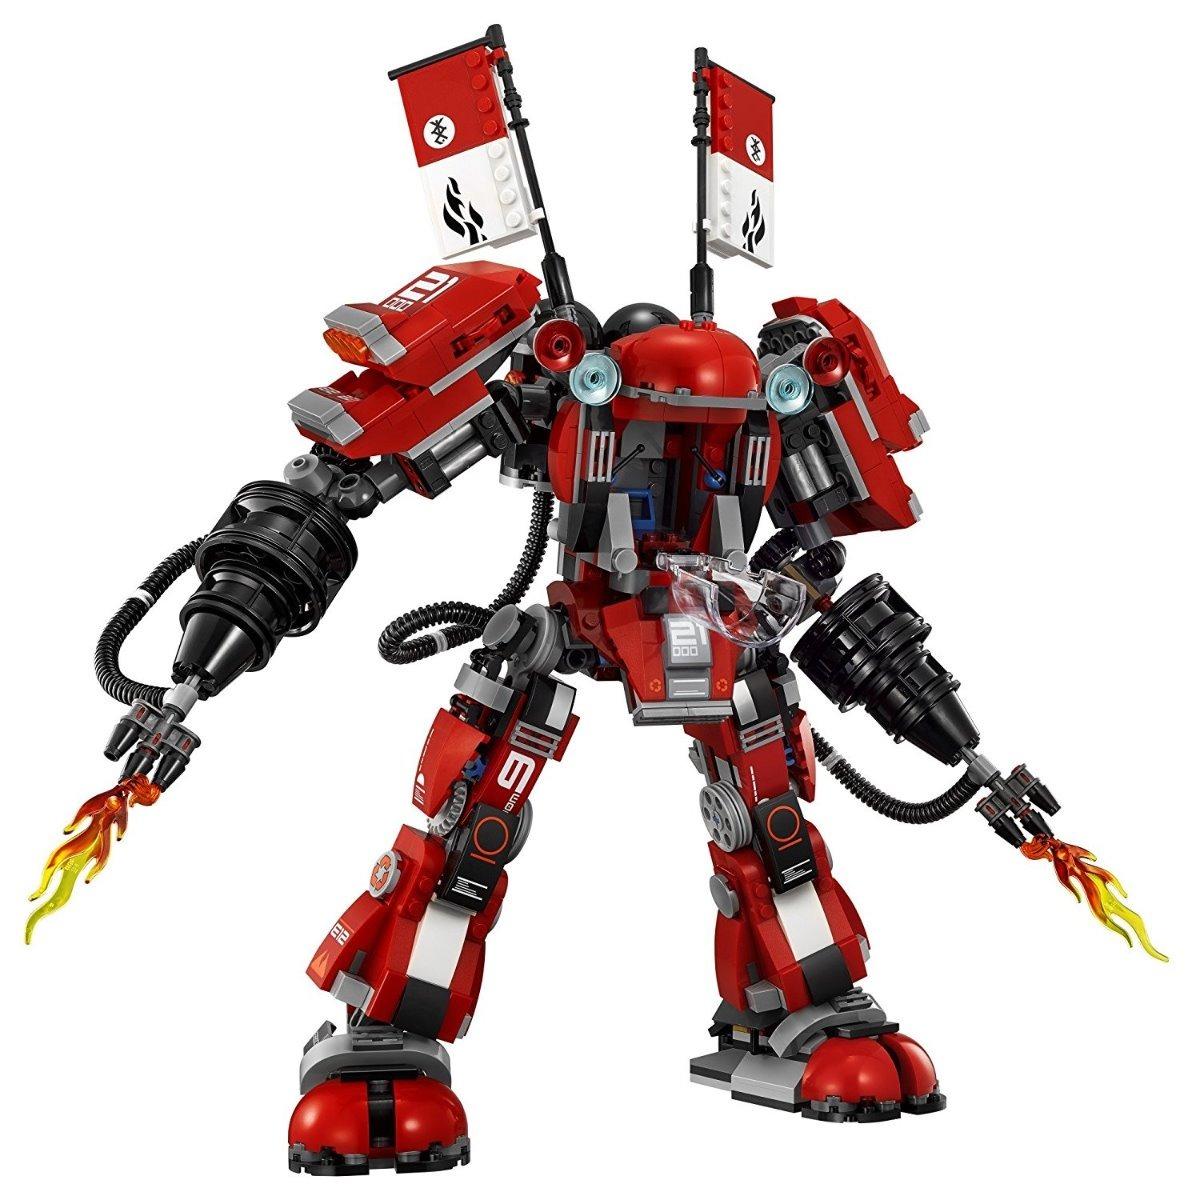 Lego Ninjago Movie Robot Del Fuego Fire Mech Con 944 Pzas